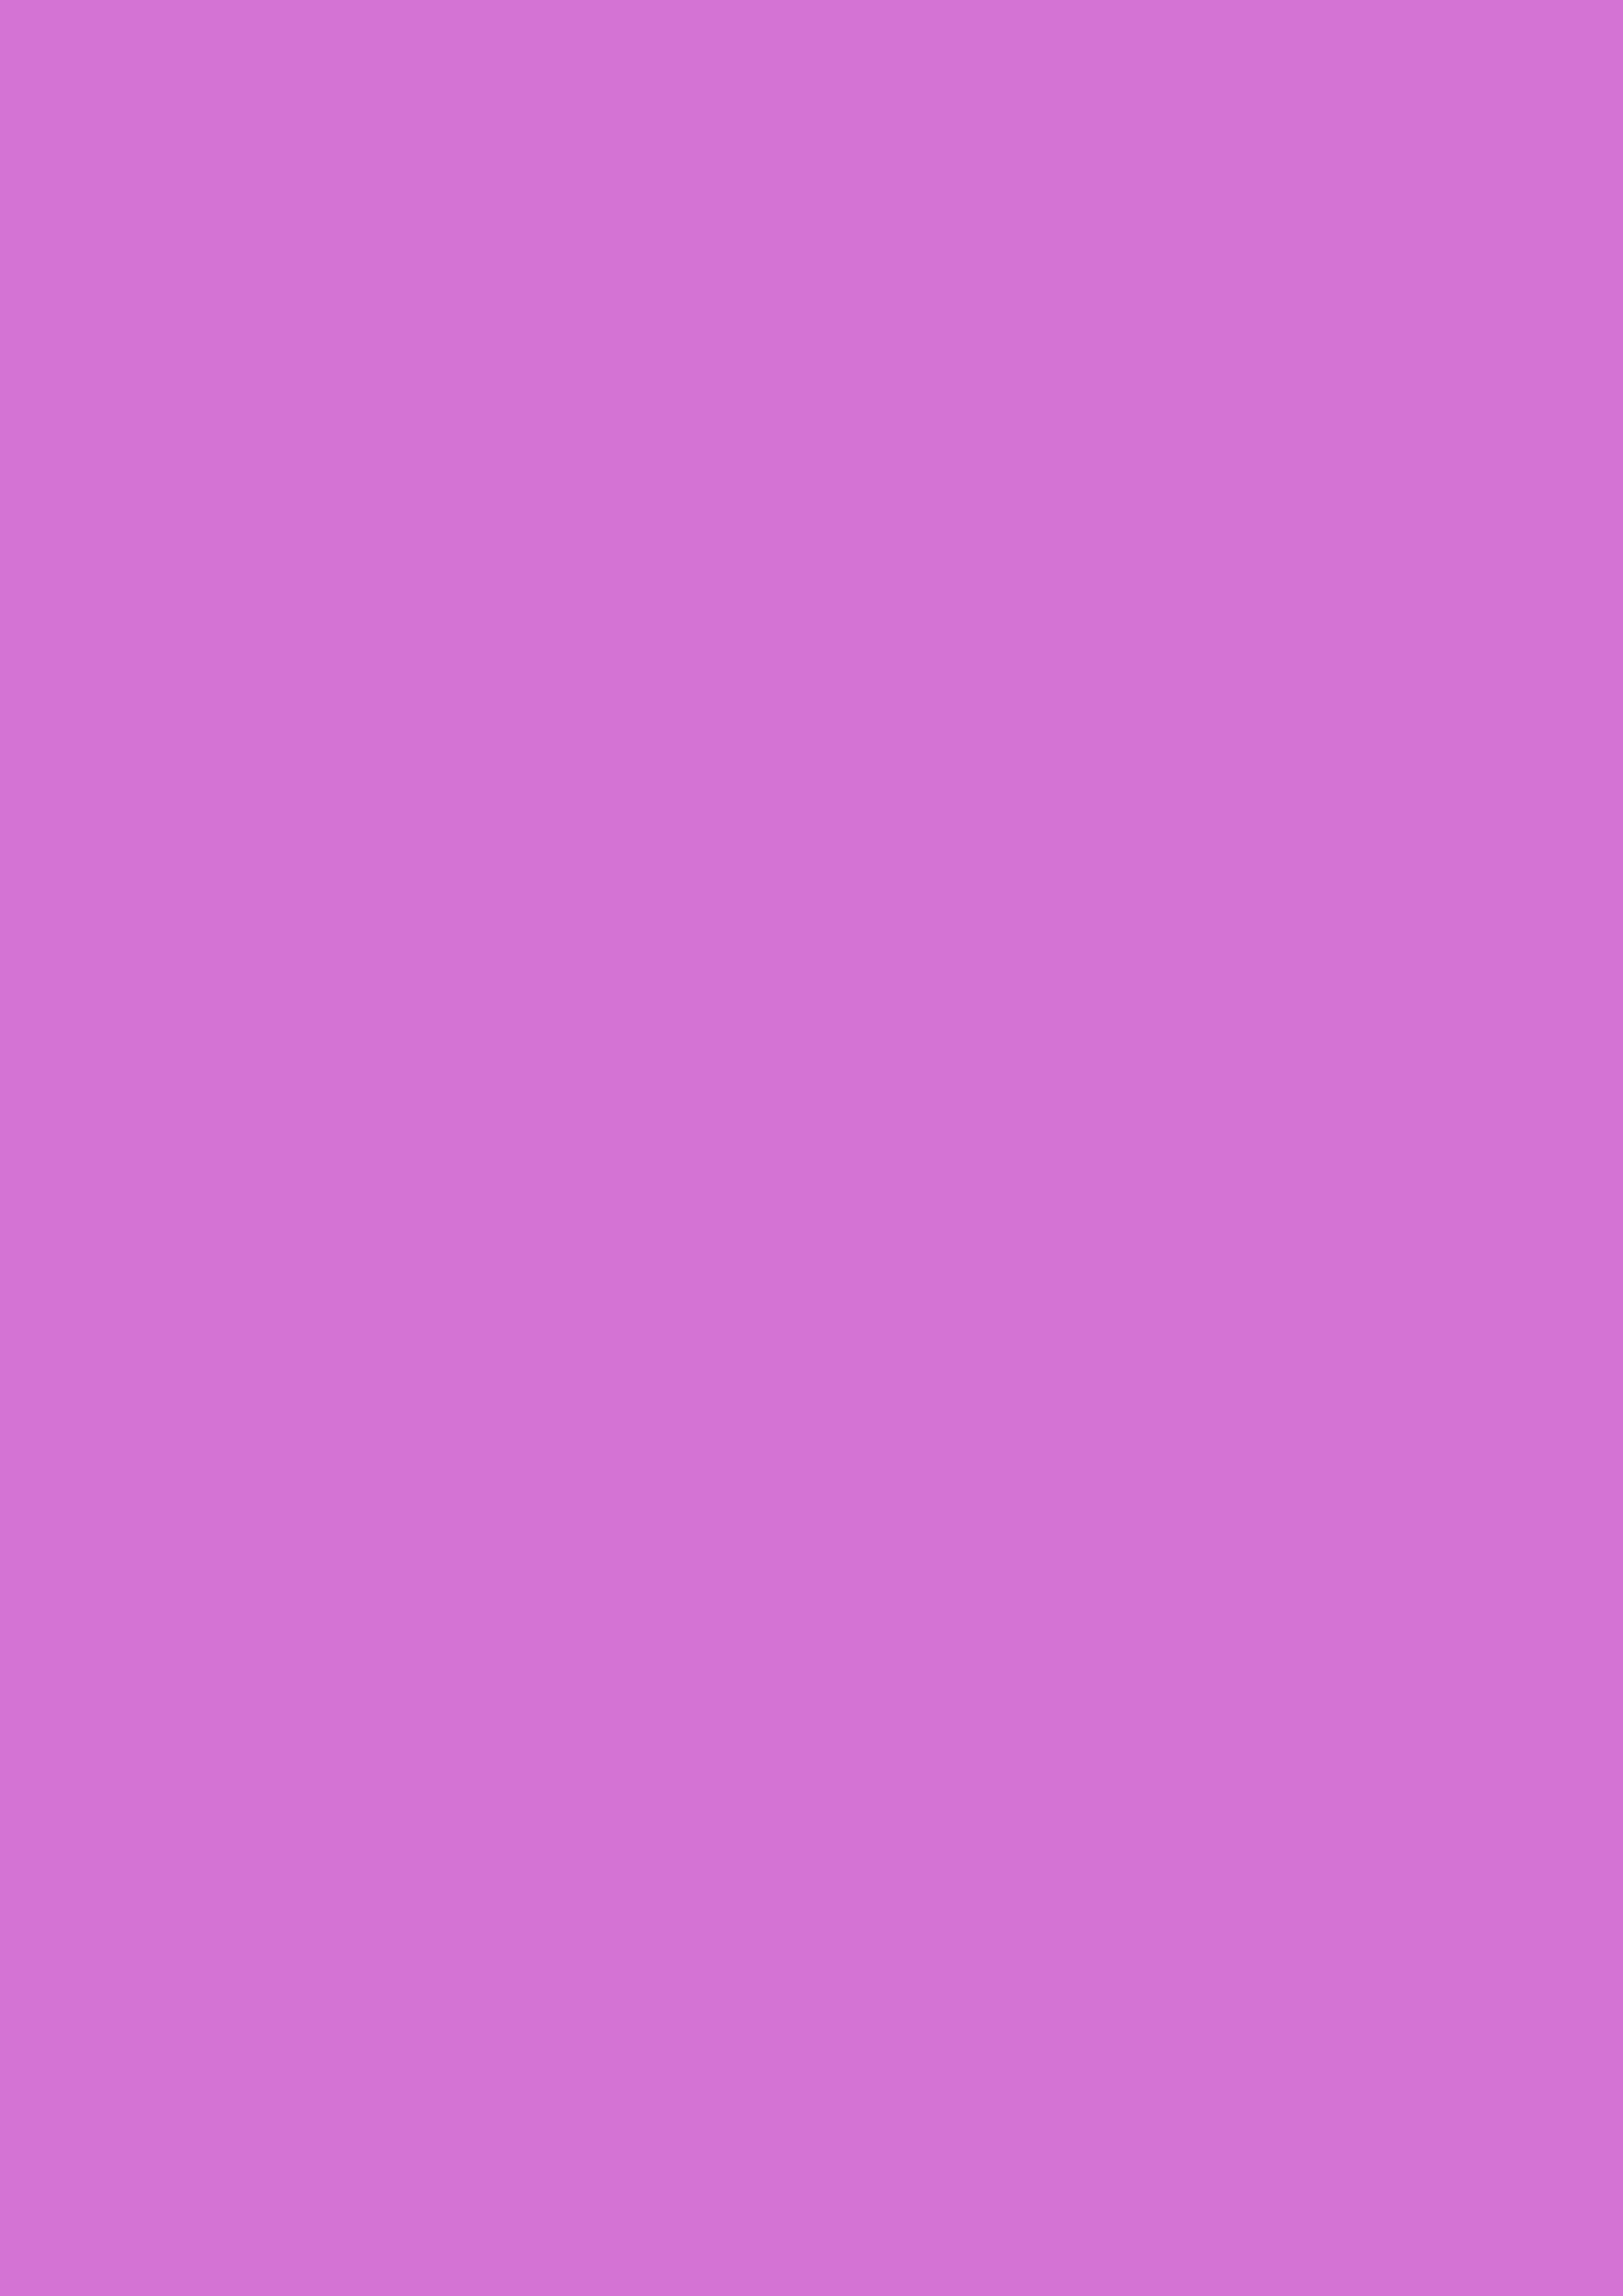 2480x3508 Deep Mauve Solid Color Background